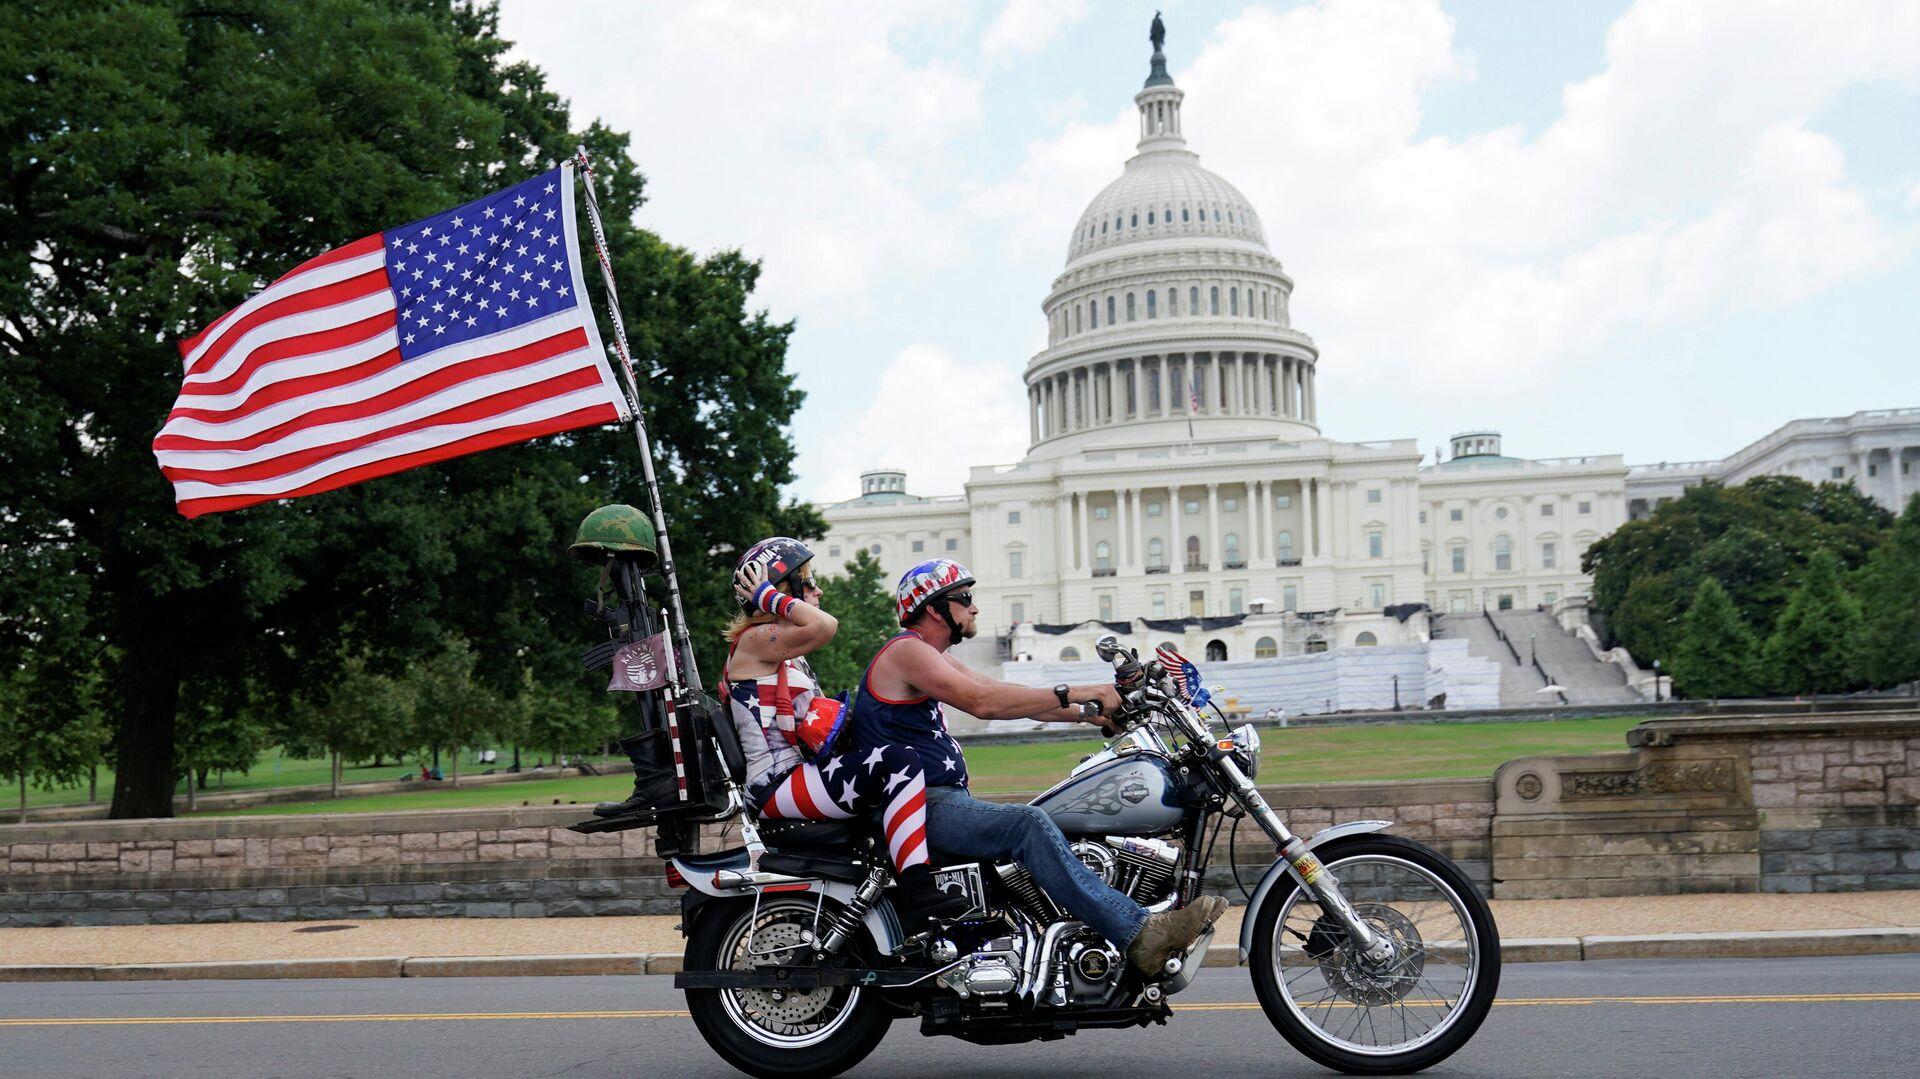 Мотоциклисты с проезжают мимо здания Капитолия в США  - РИА Новости, 1920, 25.07.2020